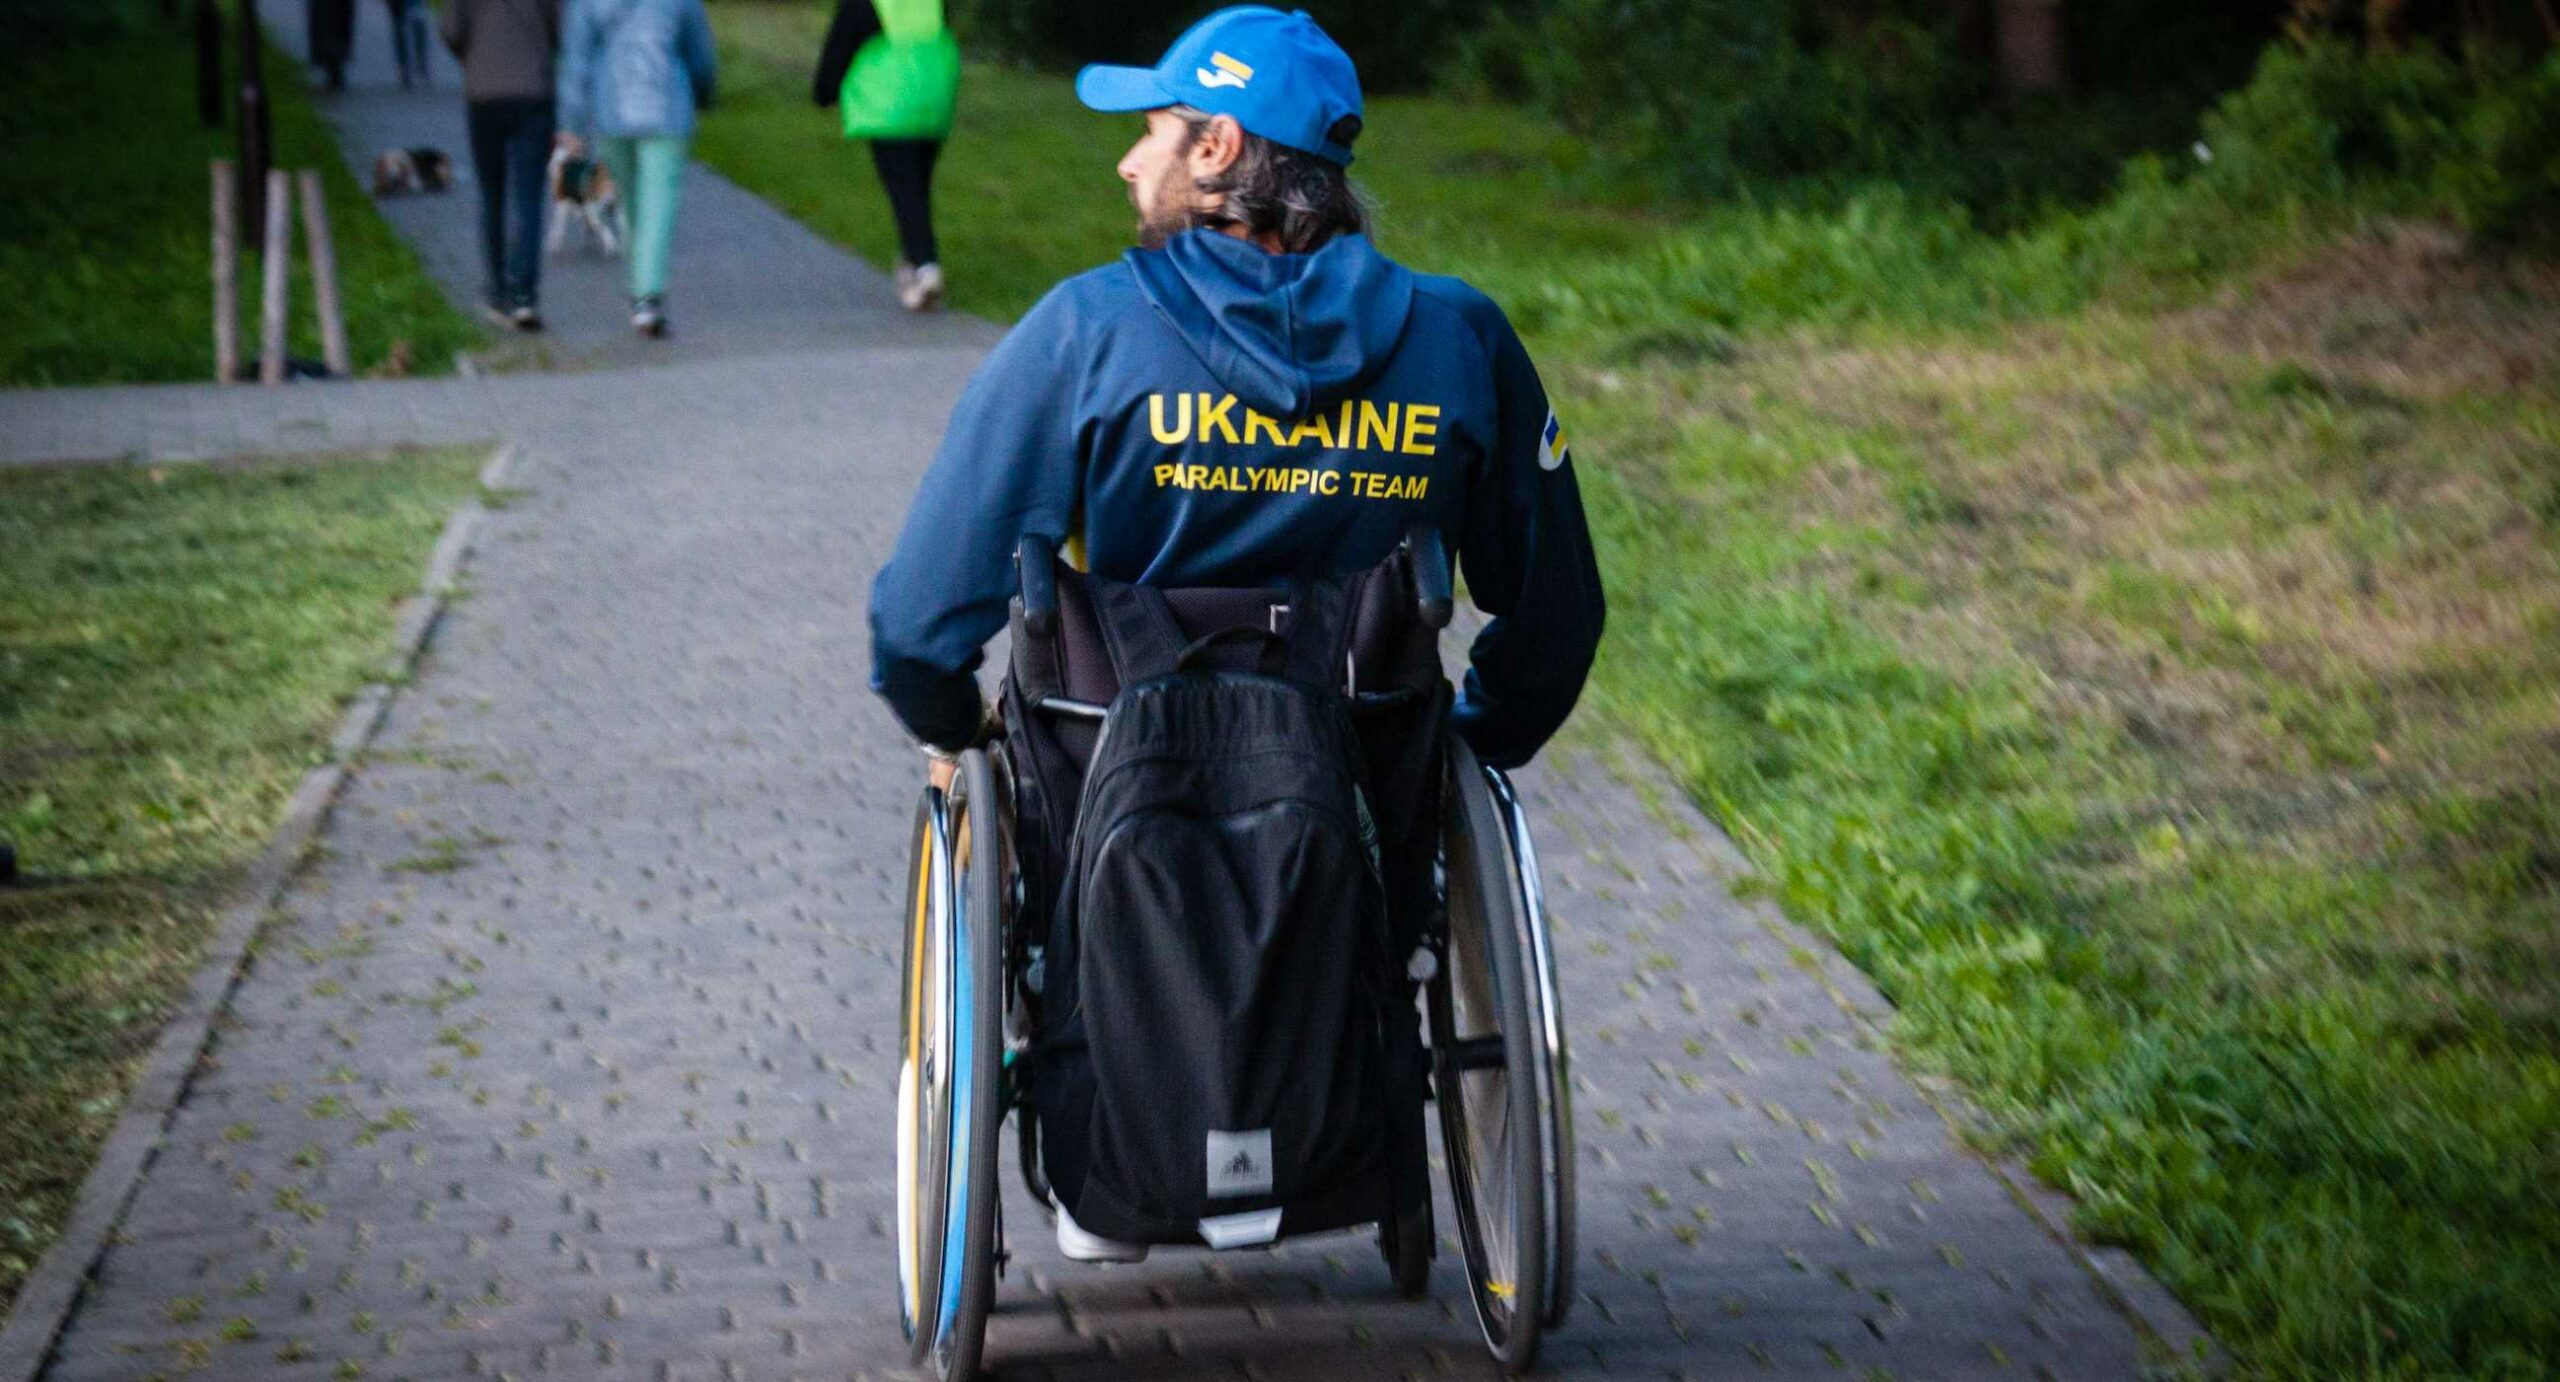 Паралімпіада 2021: як українські спортсмени досягають успіху